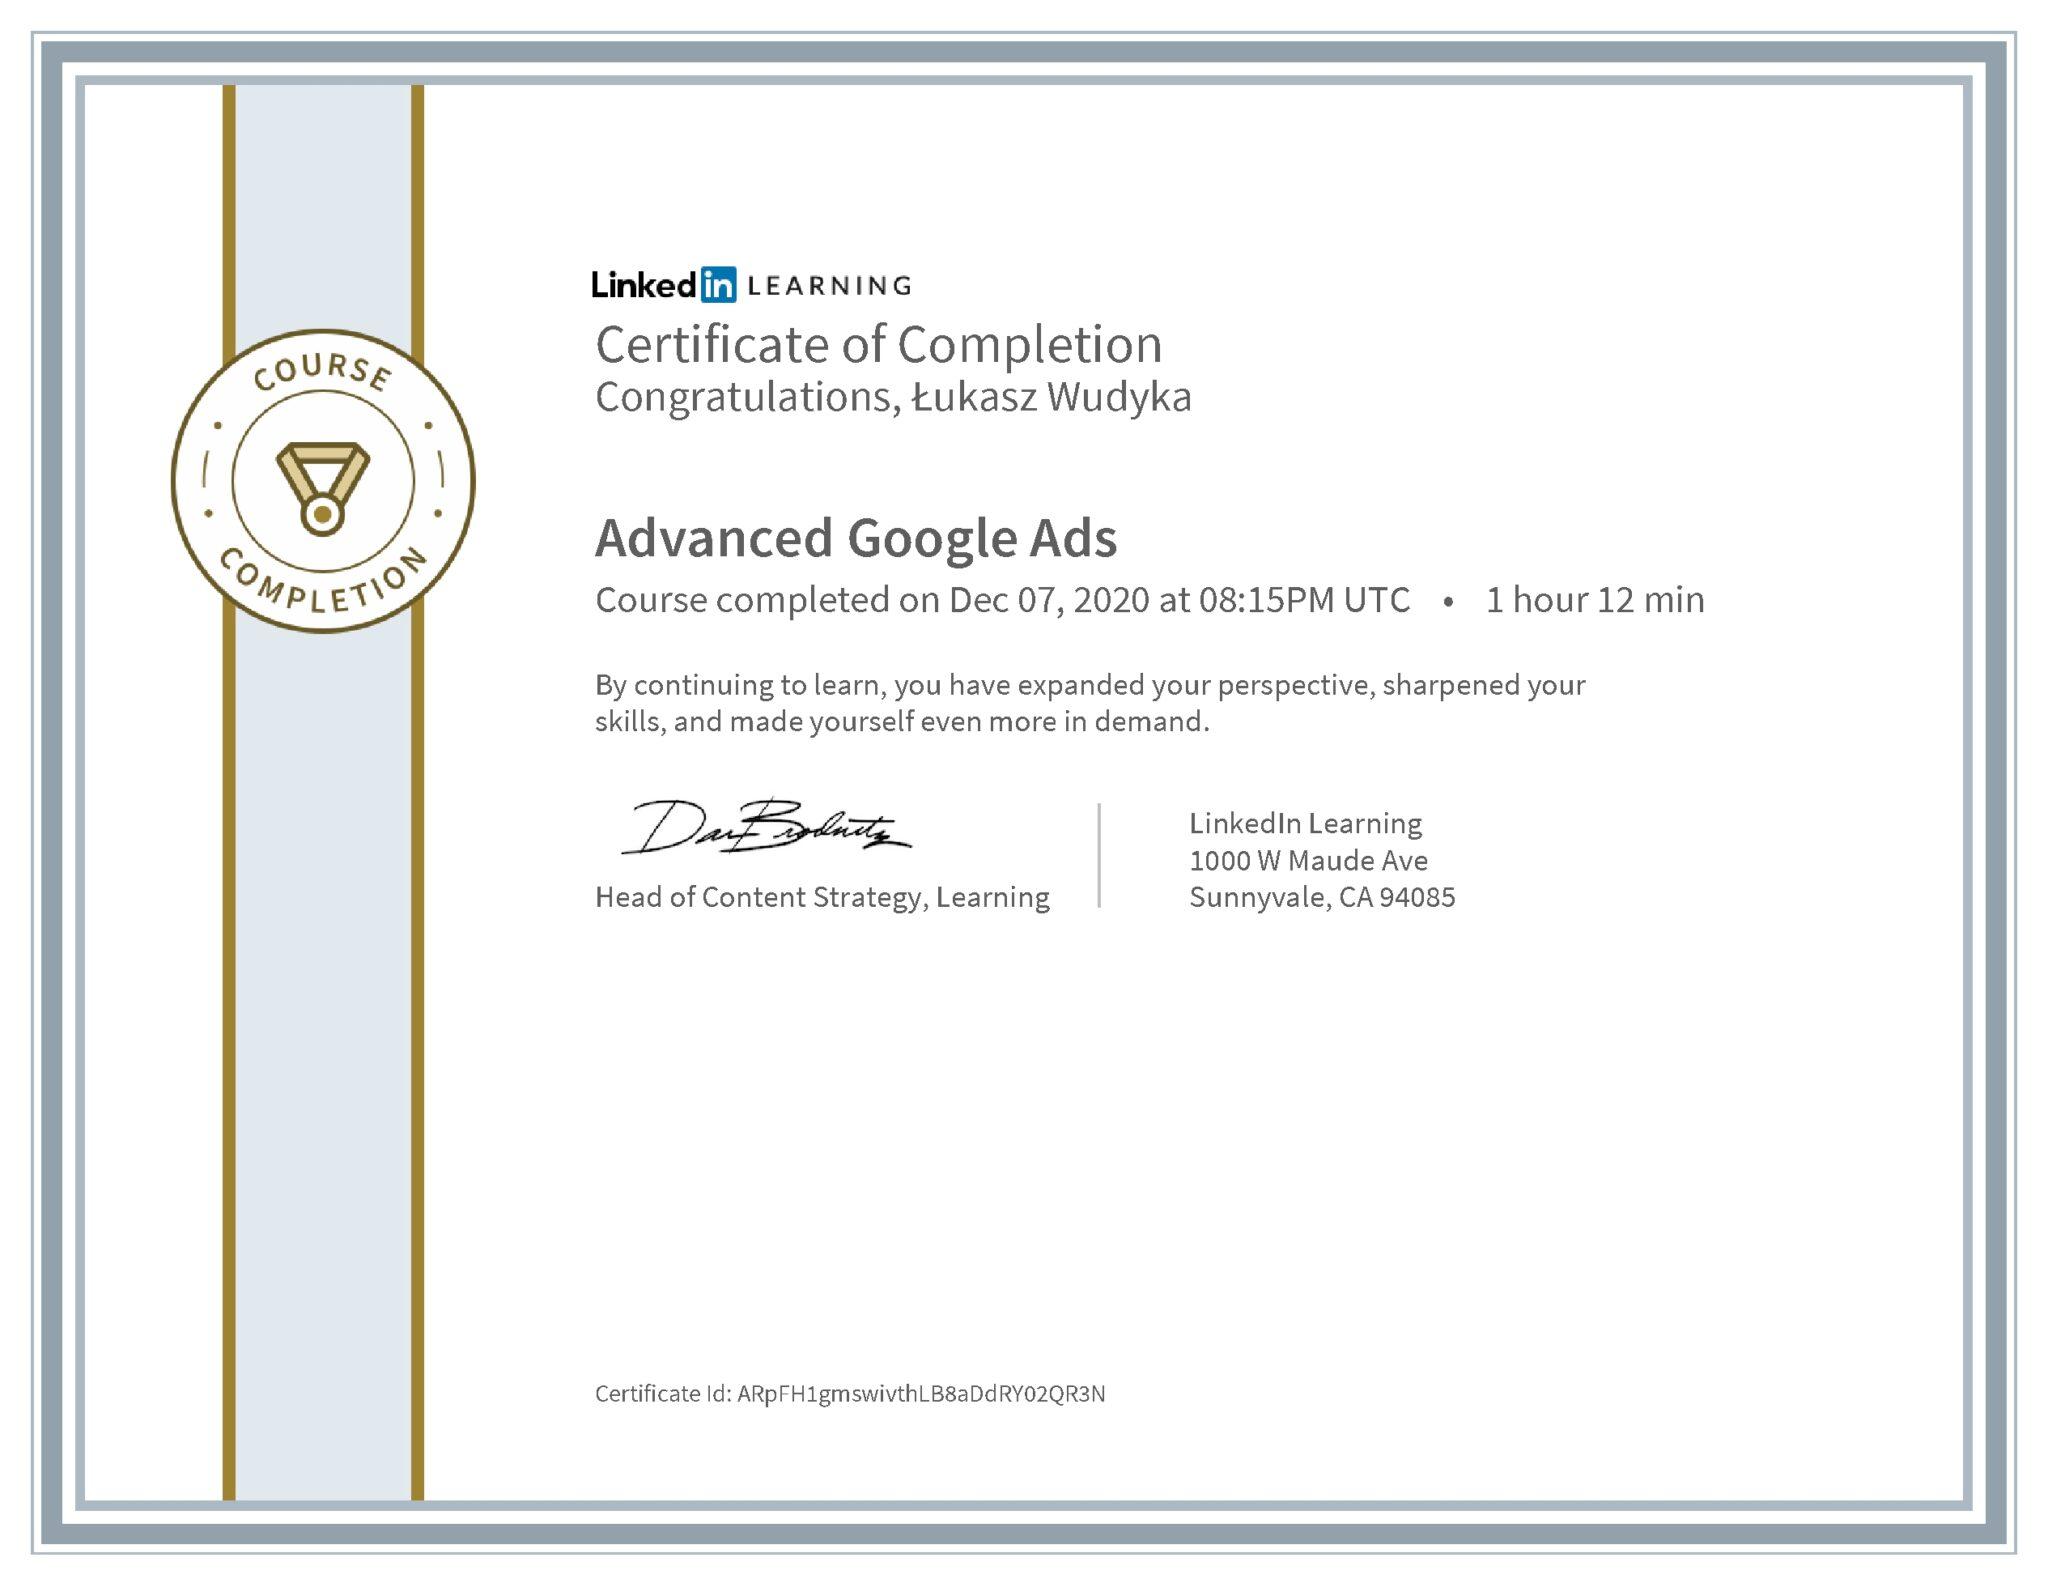 Łukasz Wudyka certyfikat LinkedIn Advanced Google Ads